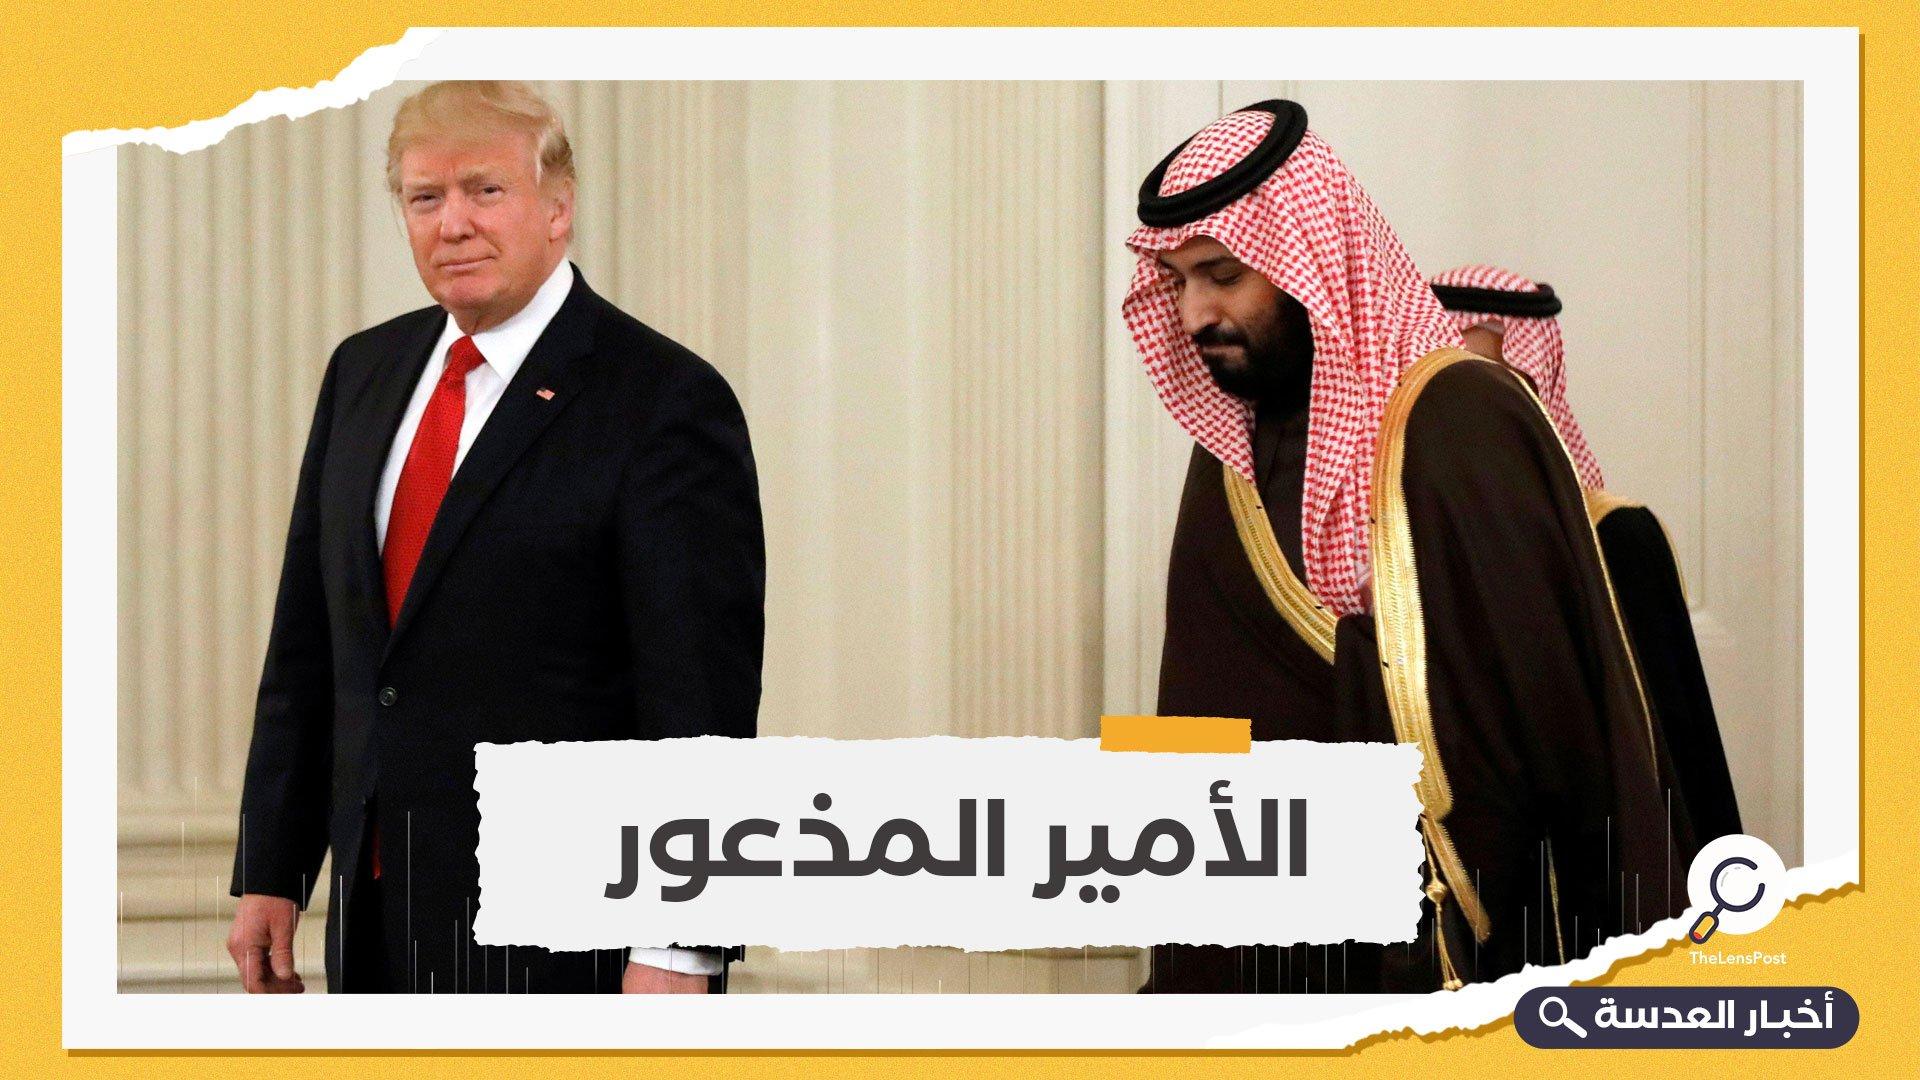 ترامب يعتزم منح حصانة لمحمد بن سلمان لحمايته من الملاحقة القضائية